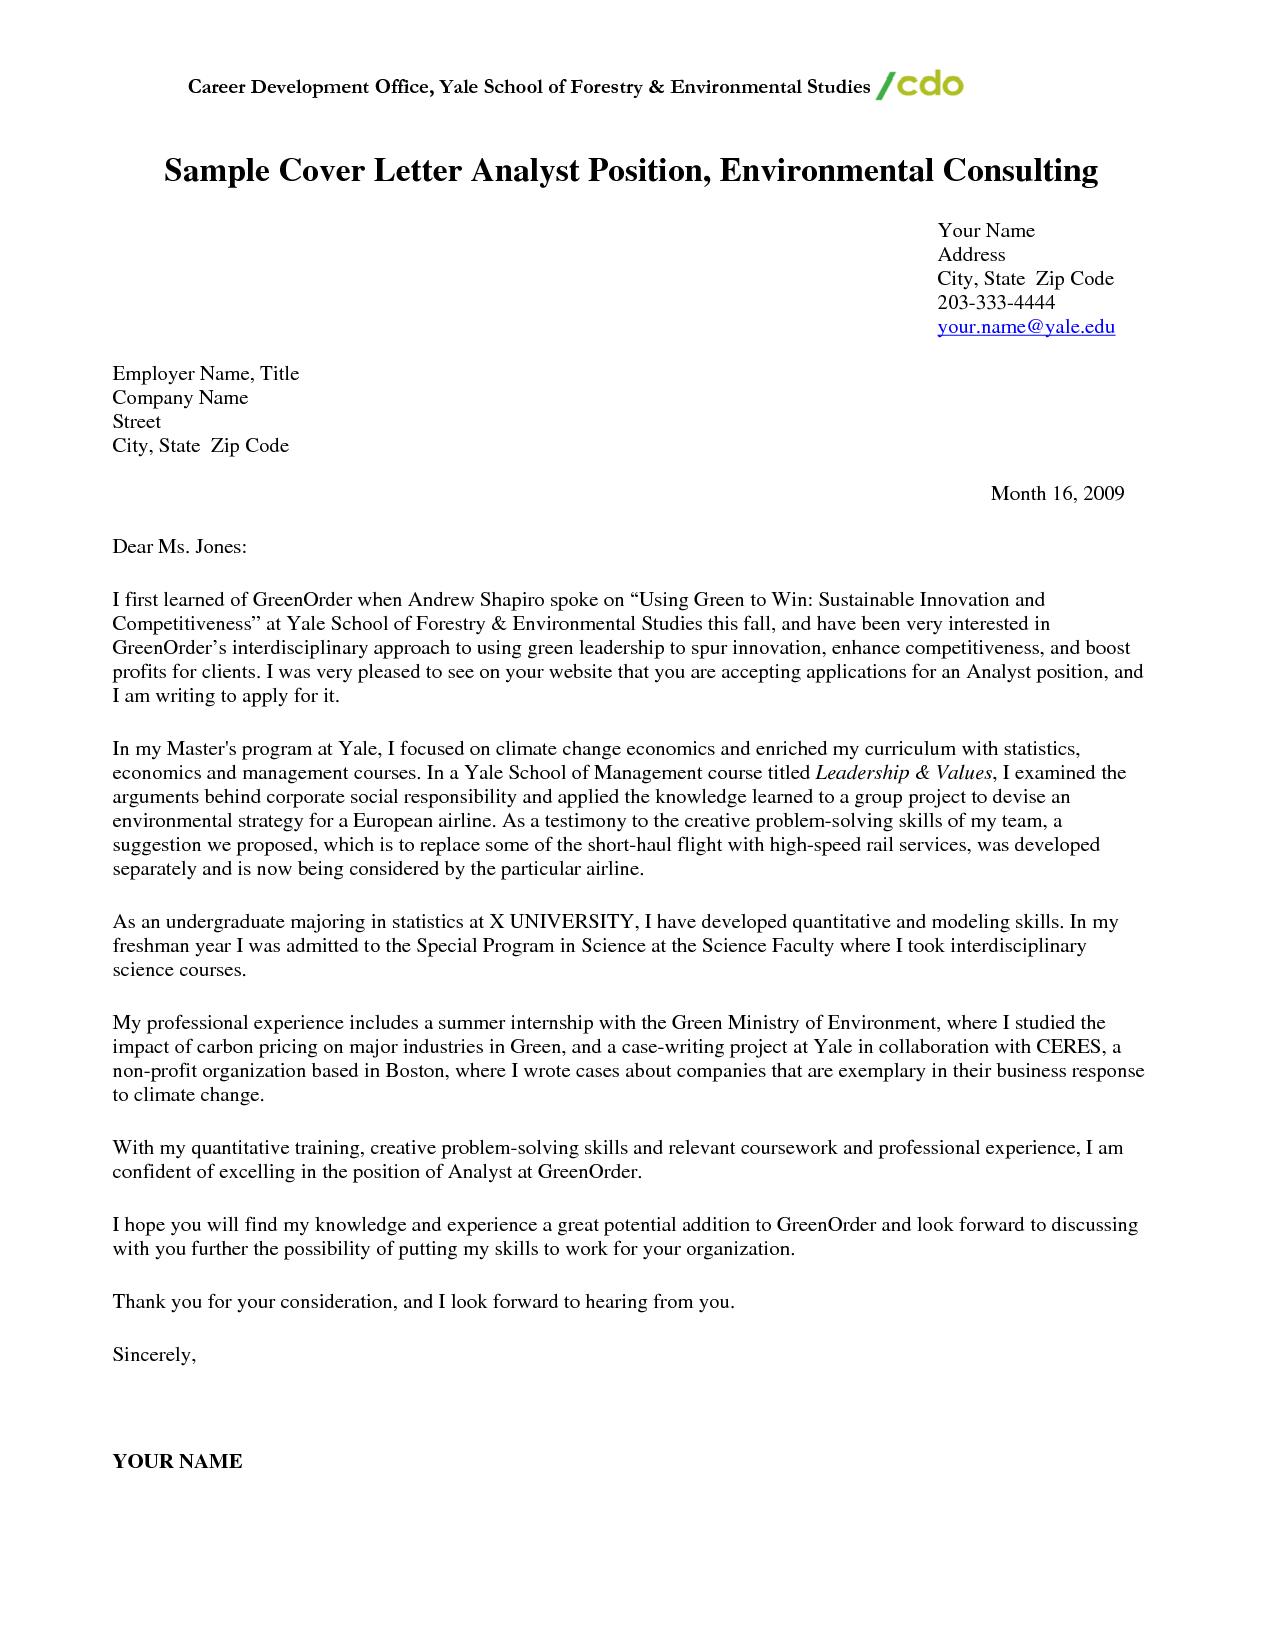 Business Job Cover Letter Sample